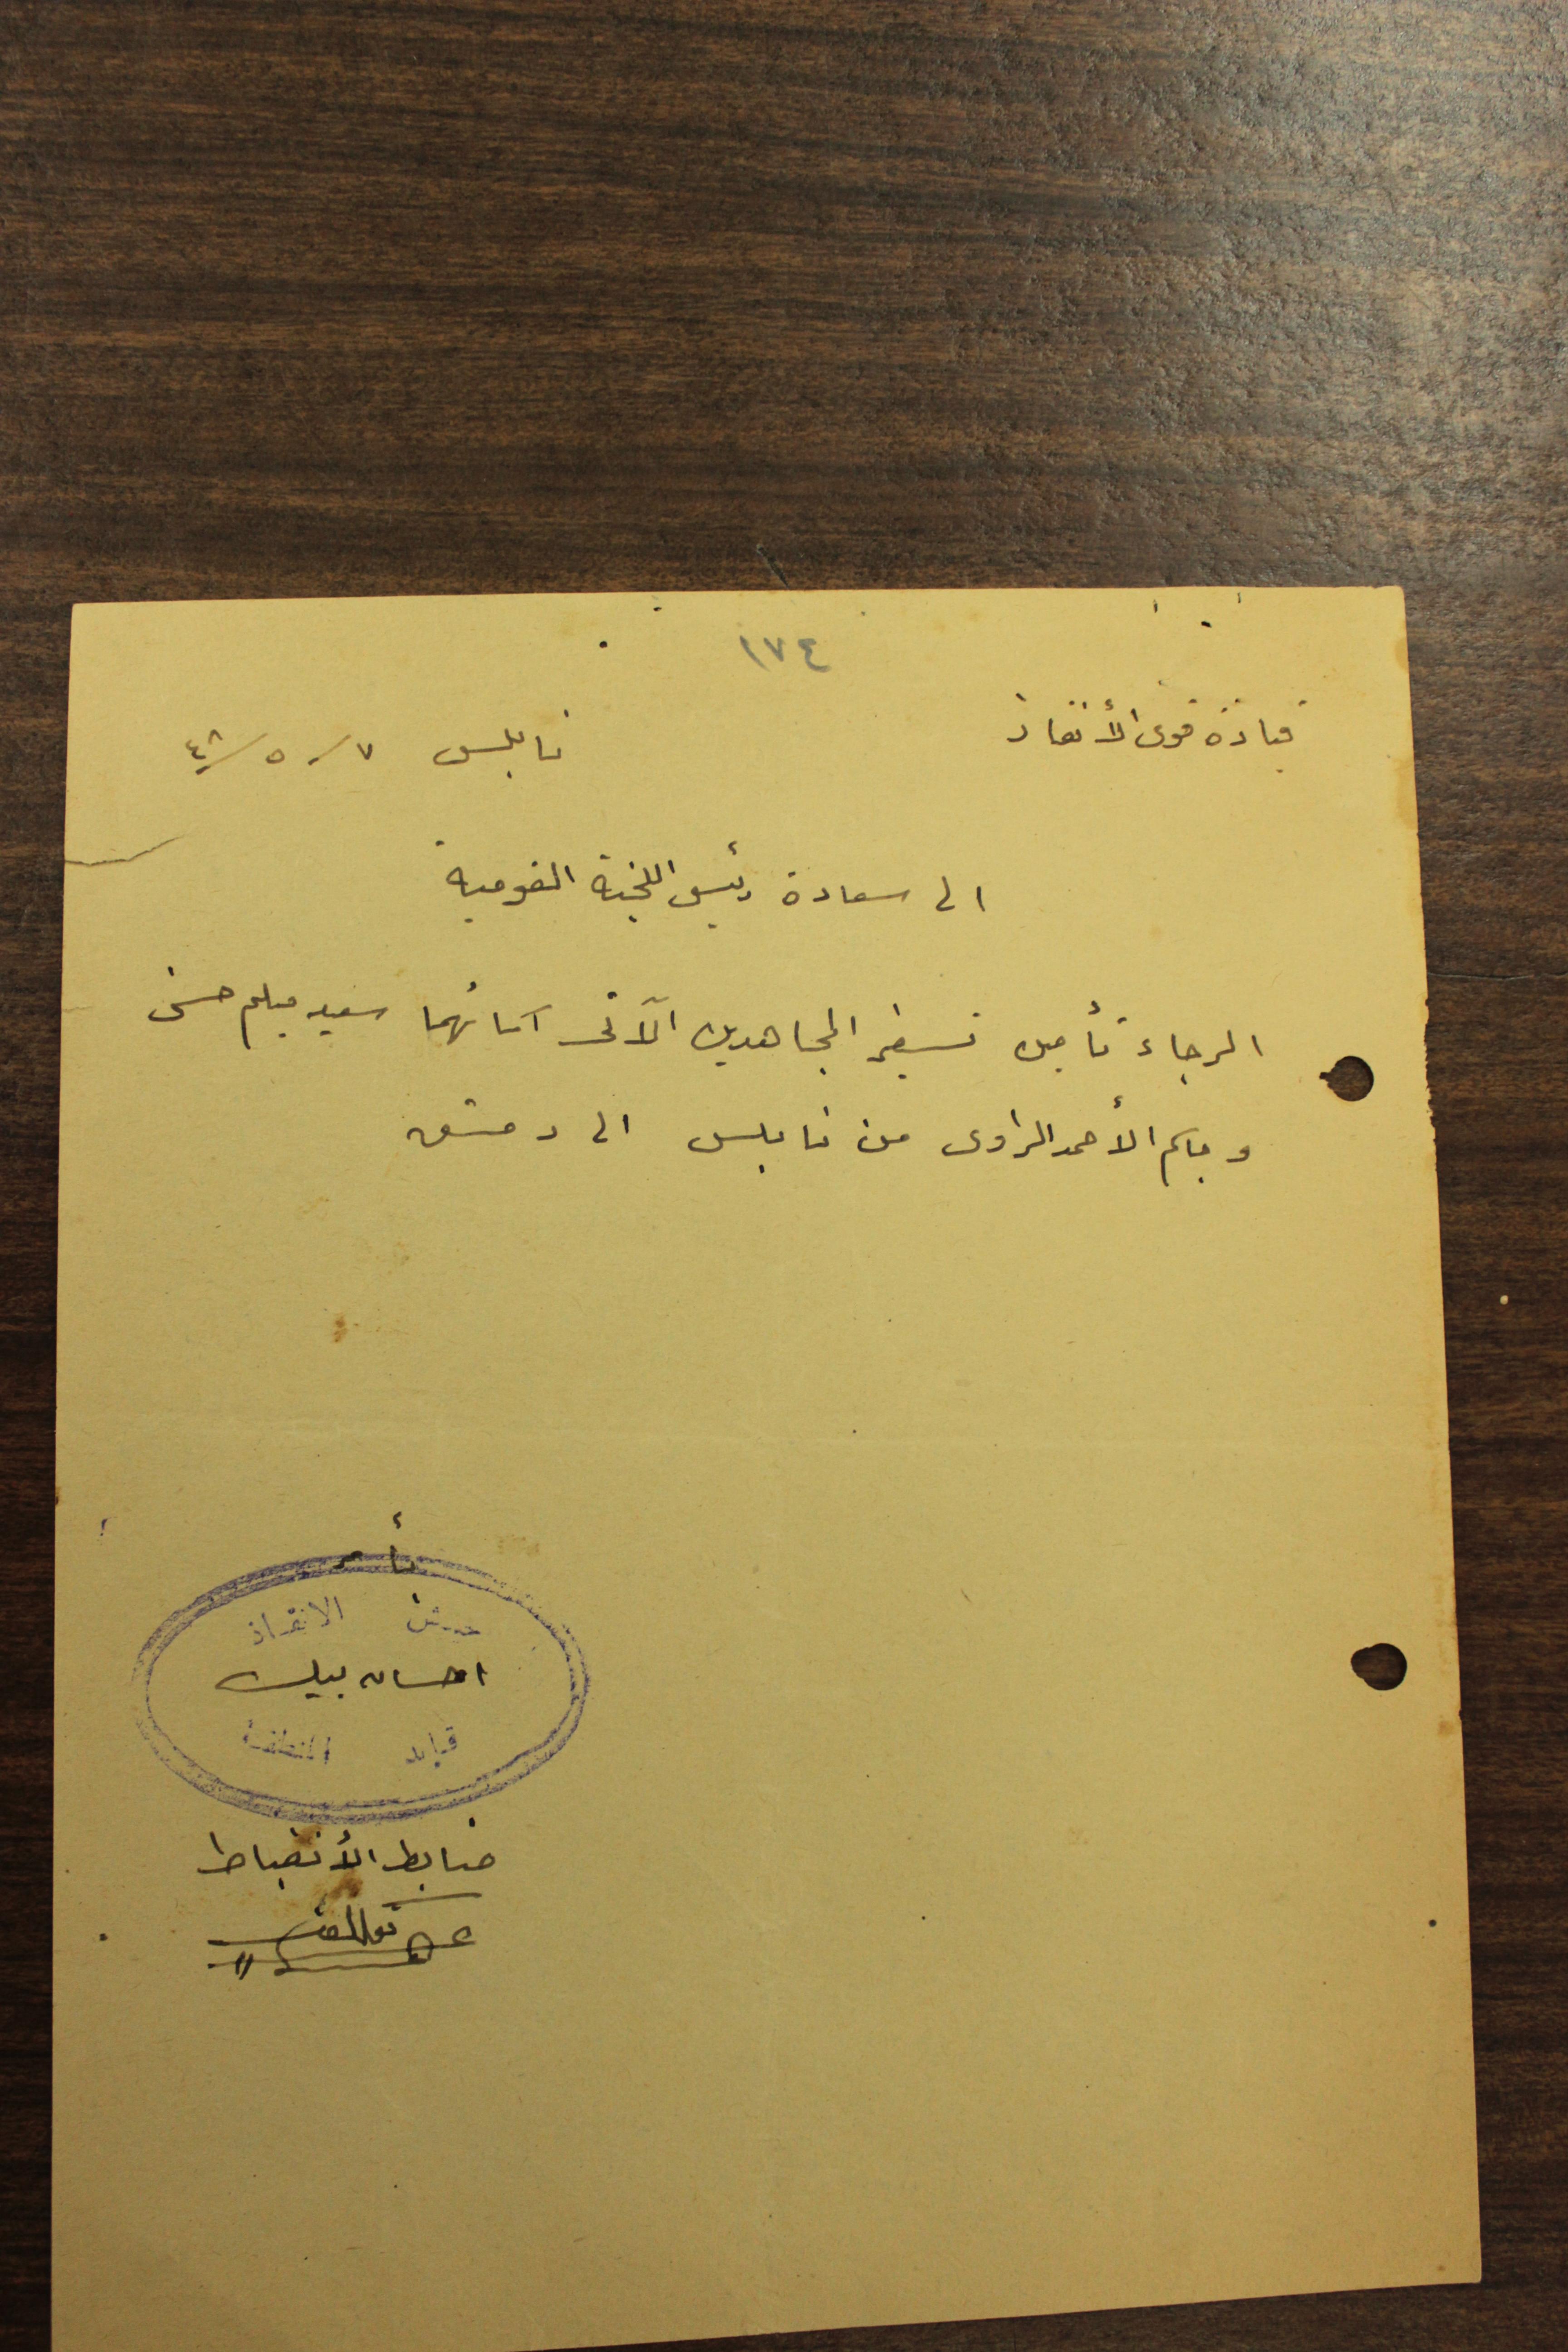 قيادة قوى الانقاذ إلى اللجنة القومية العربية عام 1948 (16).JPG